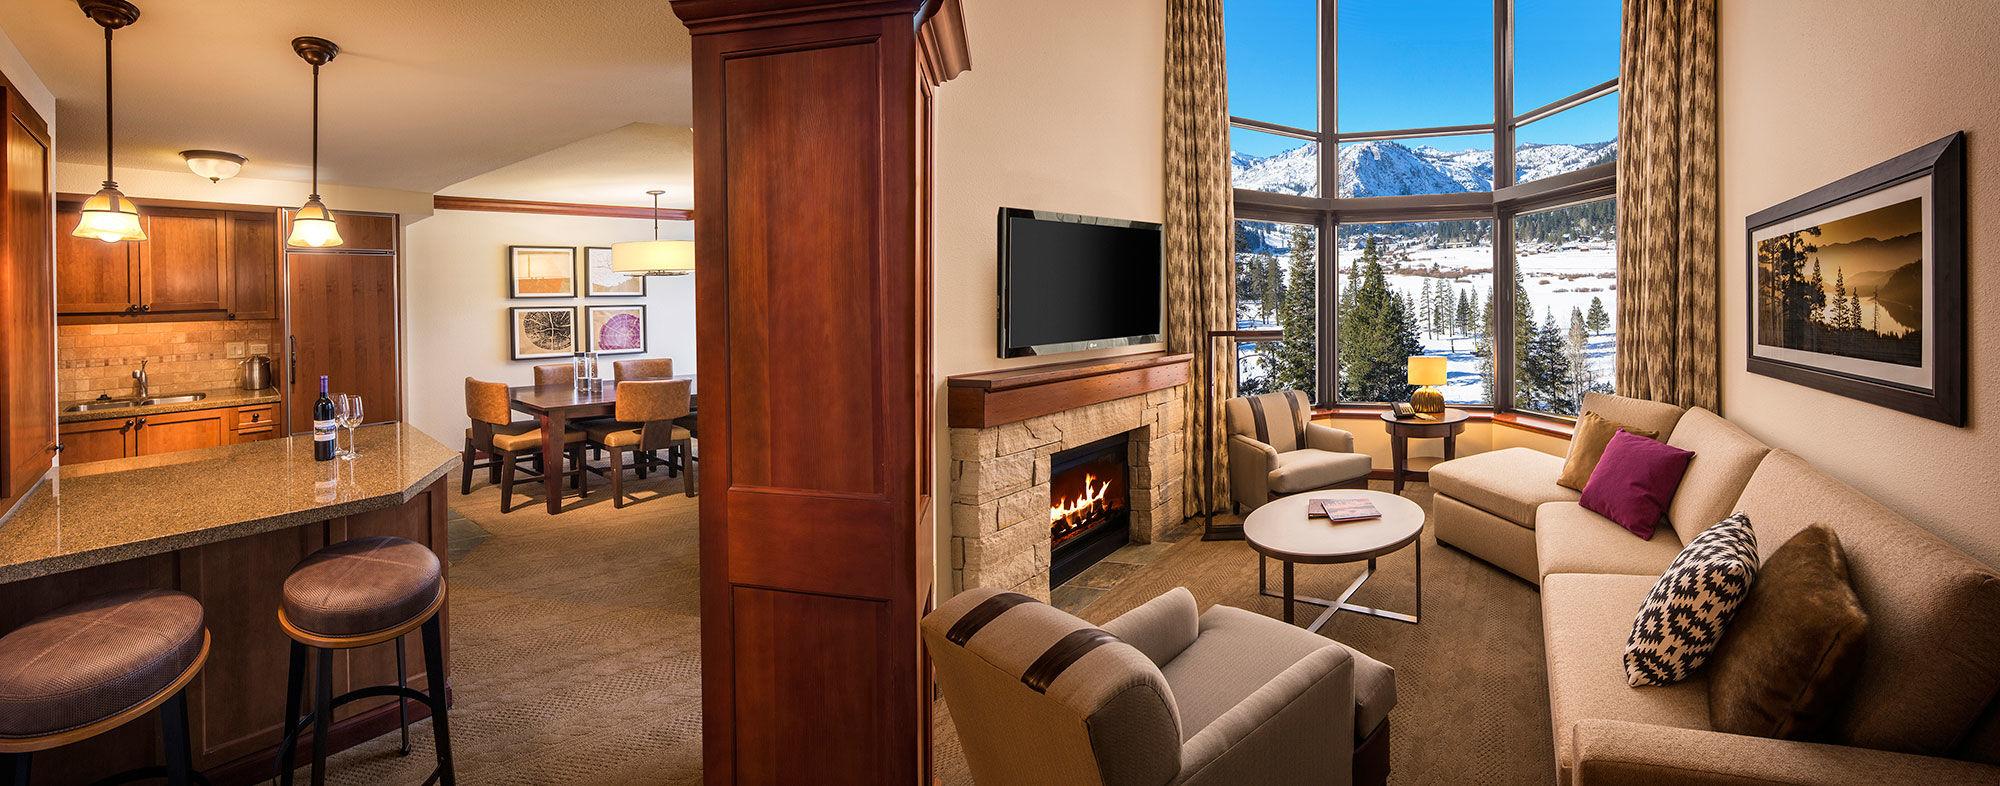 Tahoe Lodging | Resort at Squaw Creek - Lake Tahoe ...